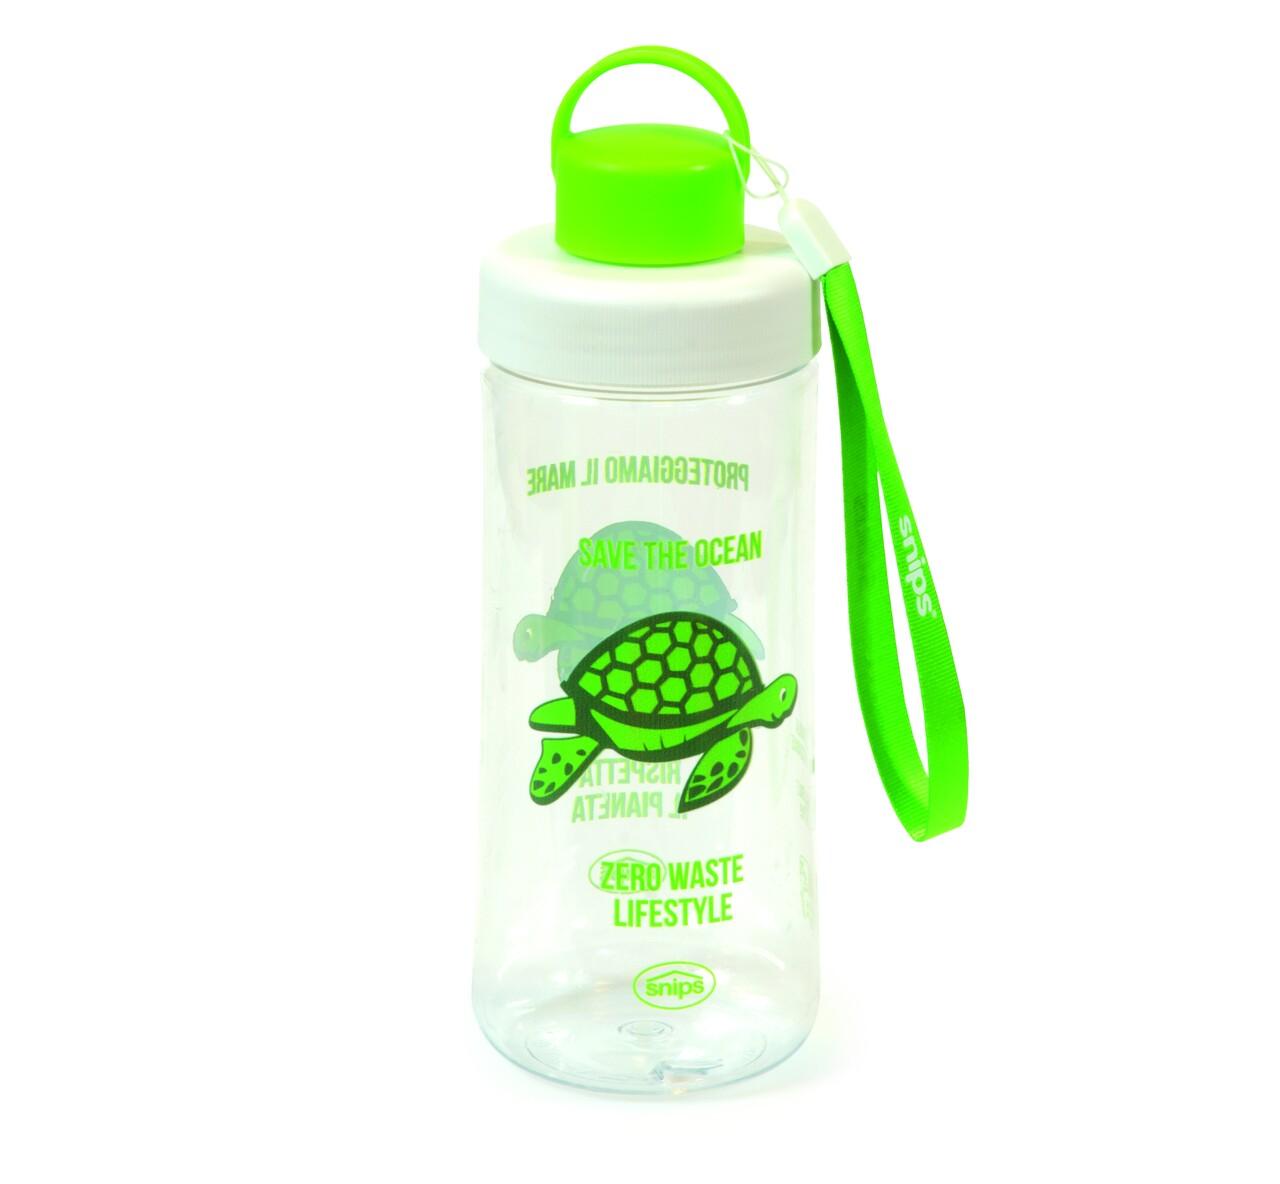 Sticla de apa, Snips, Save the Ocean-Turtle, 0.50 L, tritan